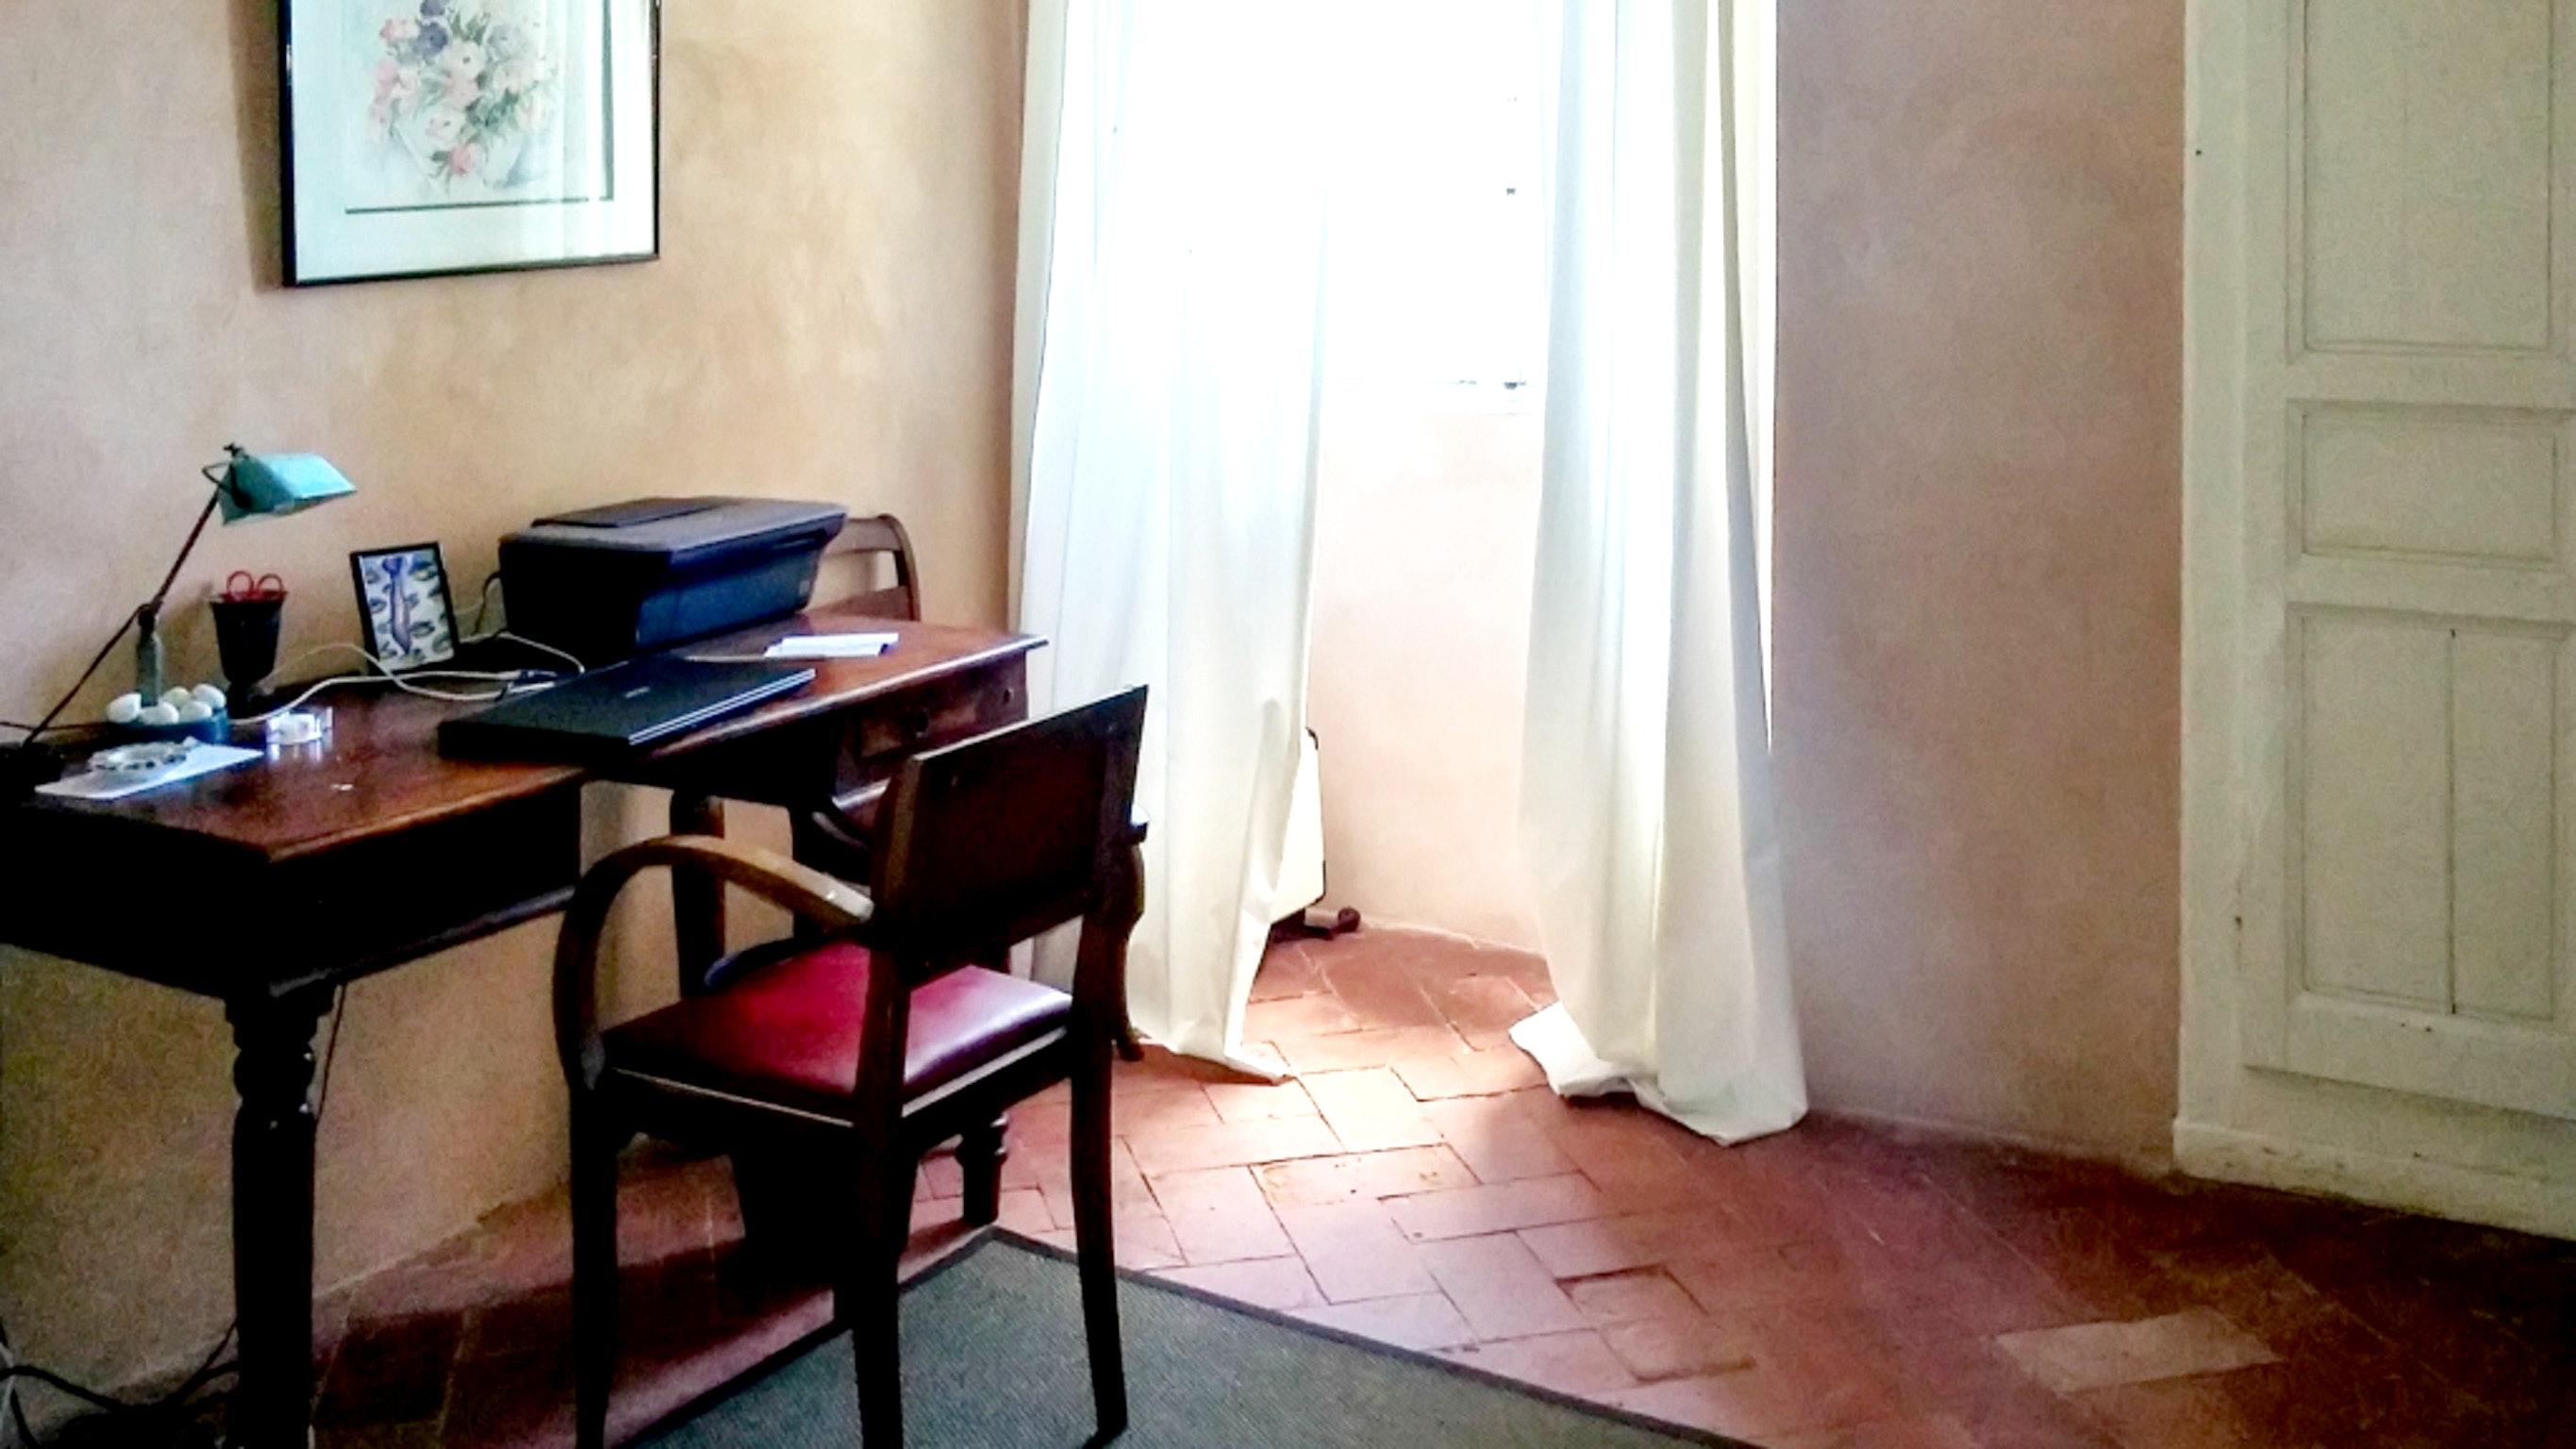 Maison de vacances Herrliches Haus mit neun Schlafzimmern und grandiosem Blick aufs Meer im hübschen Dörfchen (2202571), Centuri, Haute-Corse, Corse, France, image 15